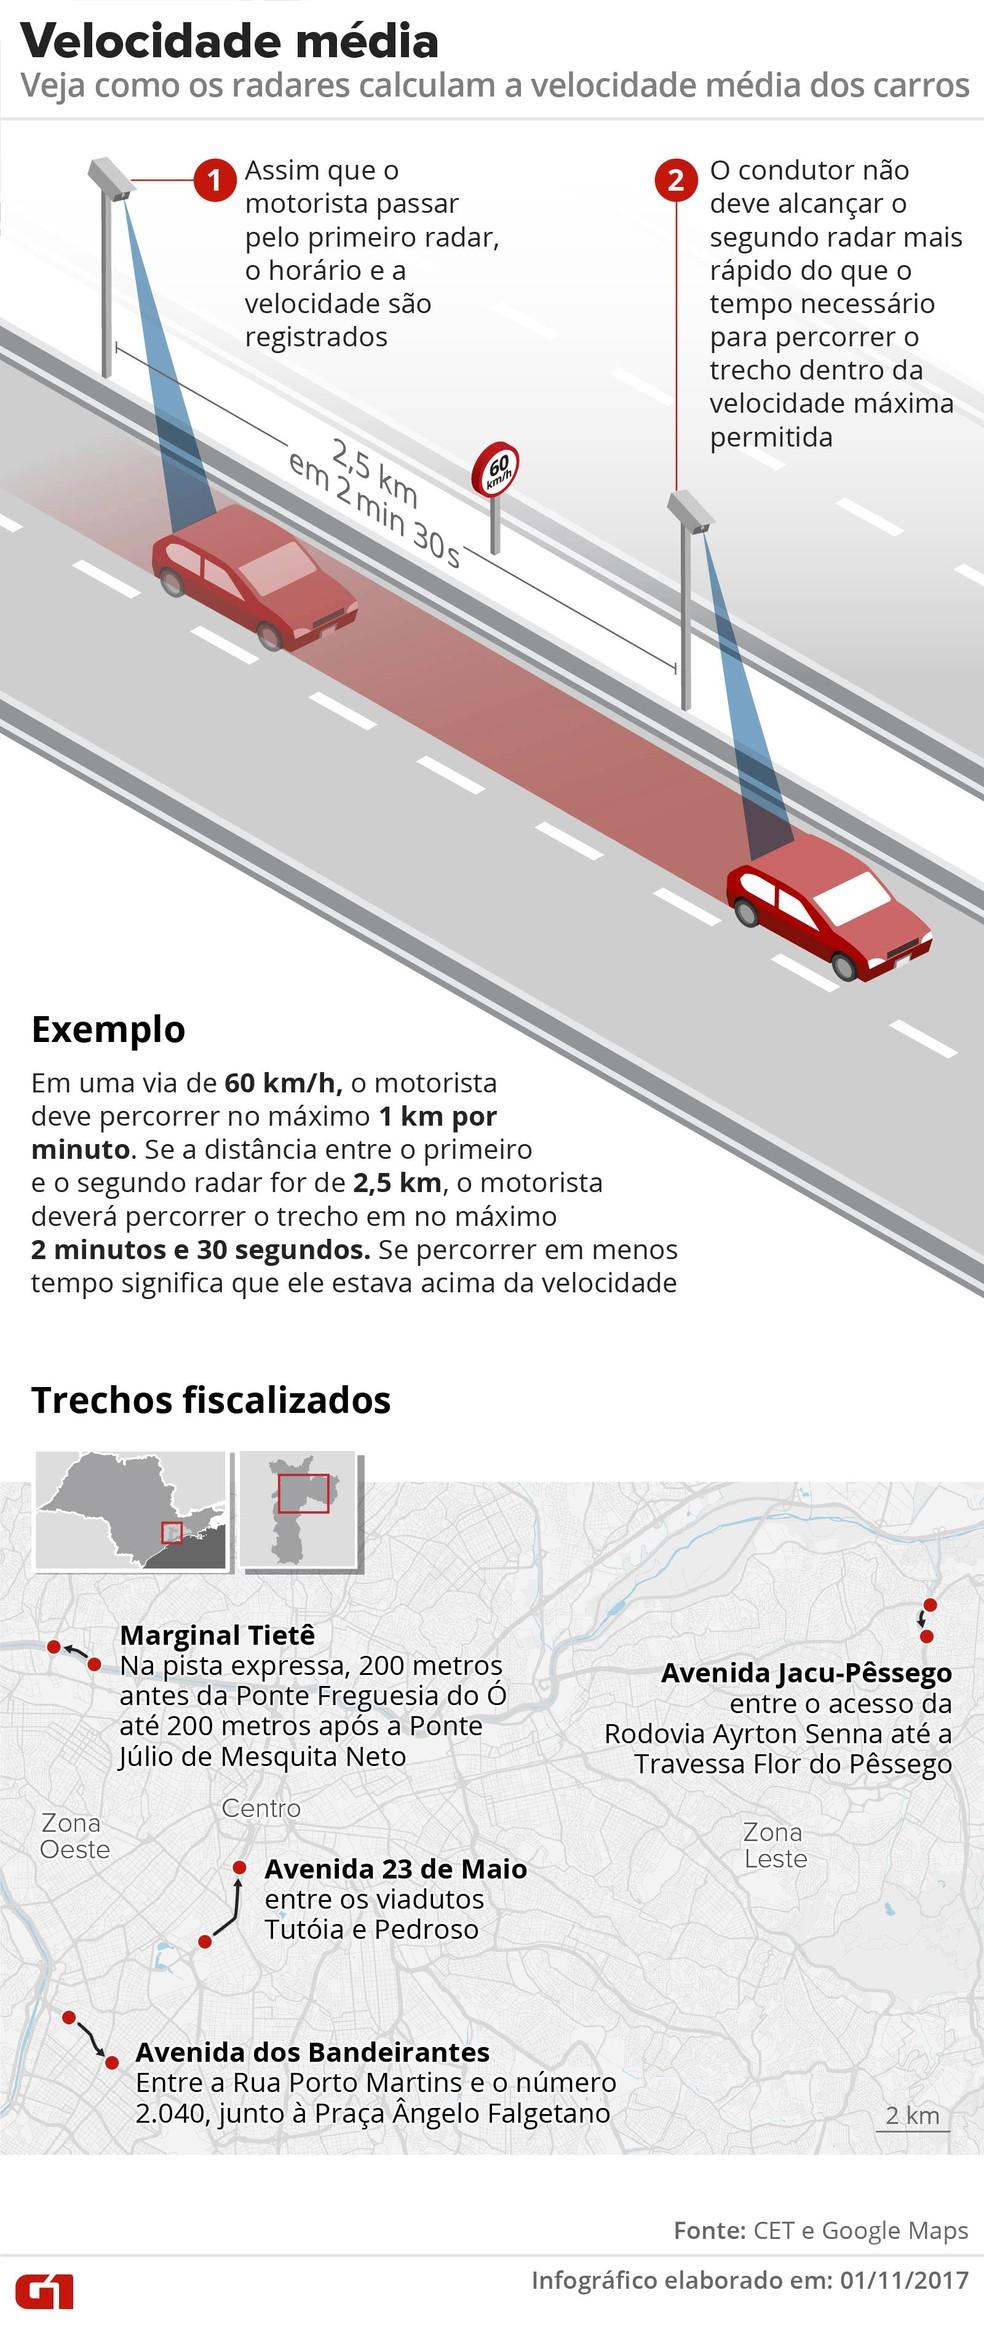 Veja como funciona o sistema de radar de velocidade média em São Paulo (Foto: Alexandre Mauro/G1)